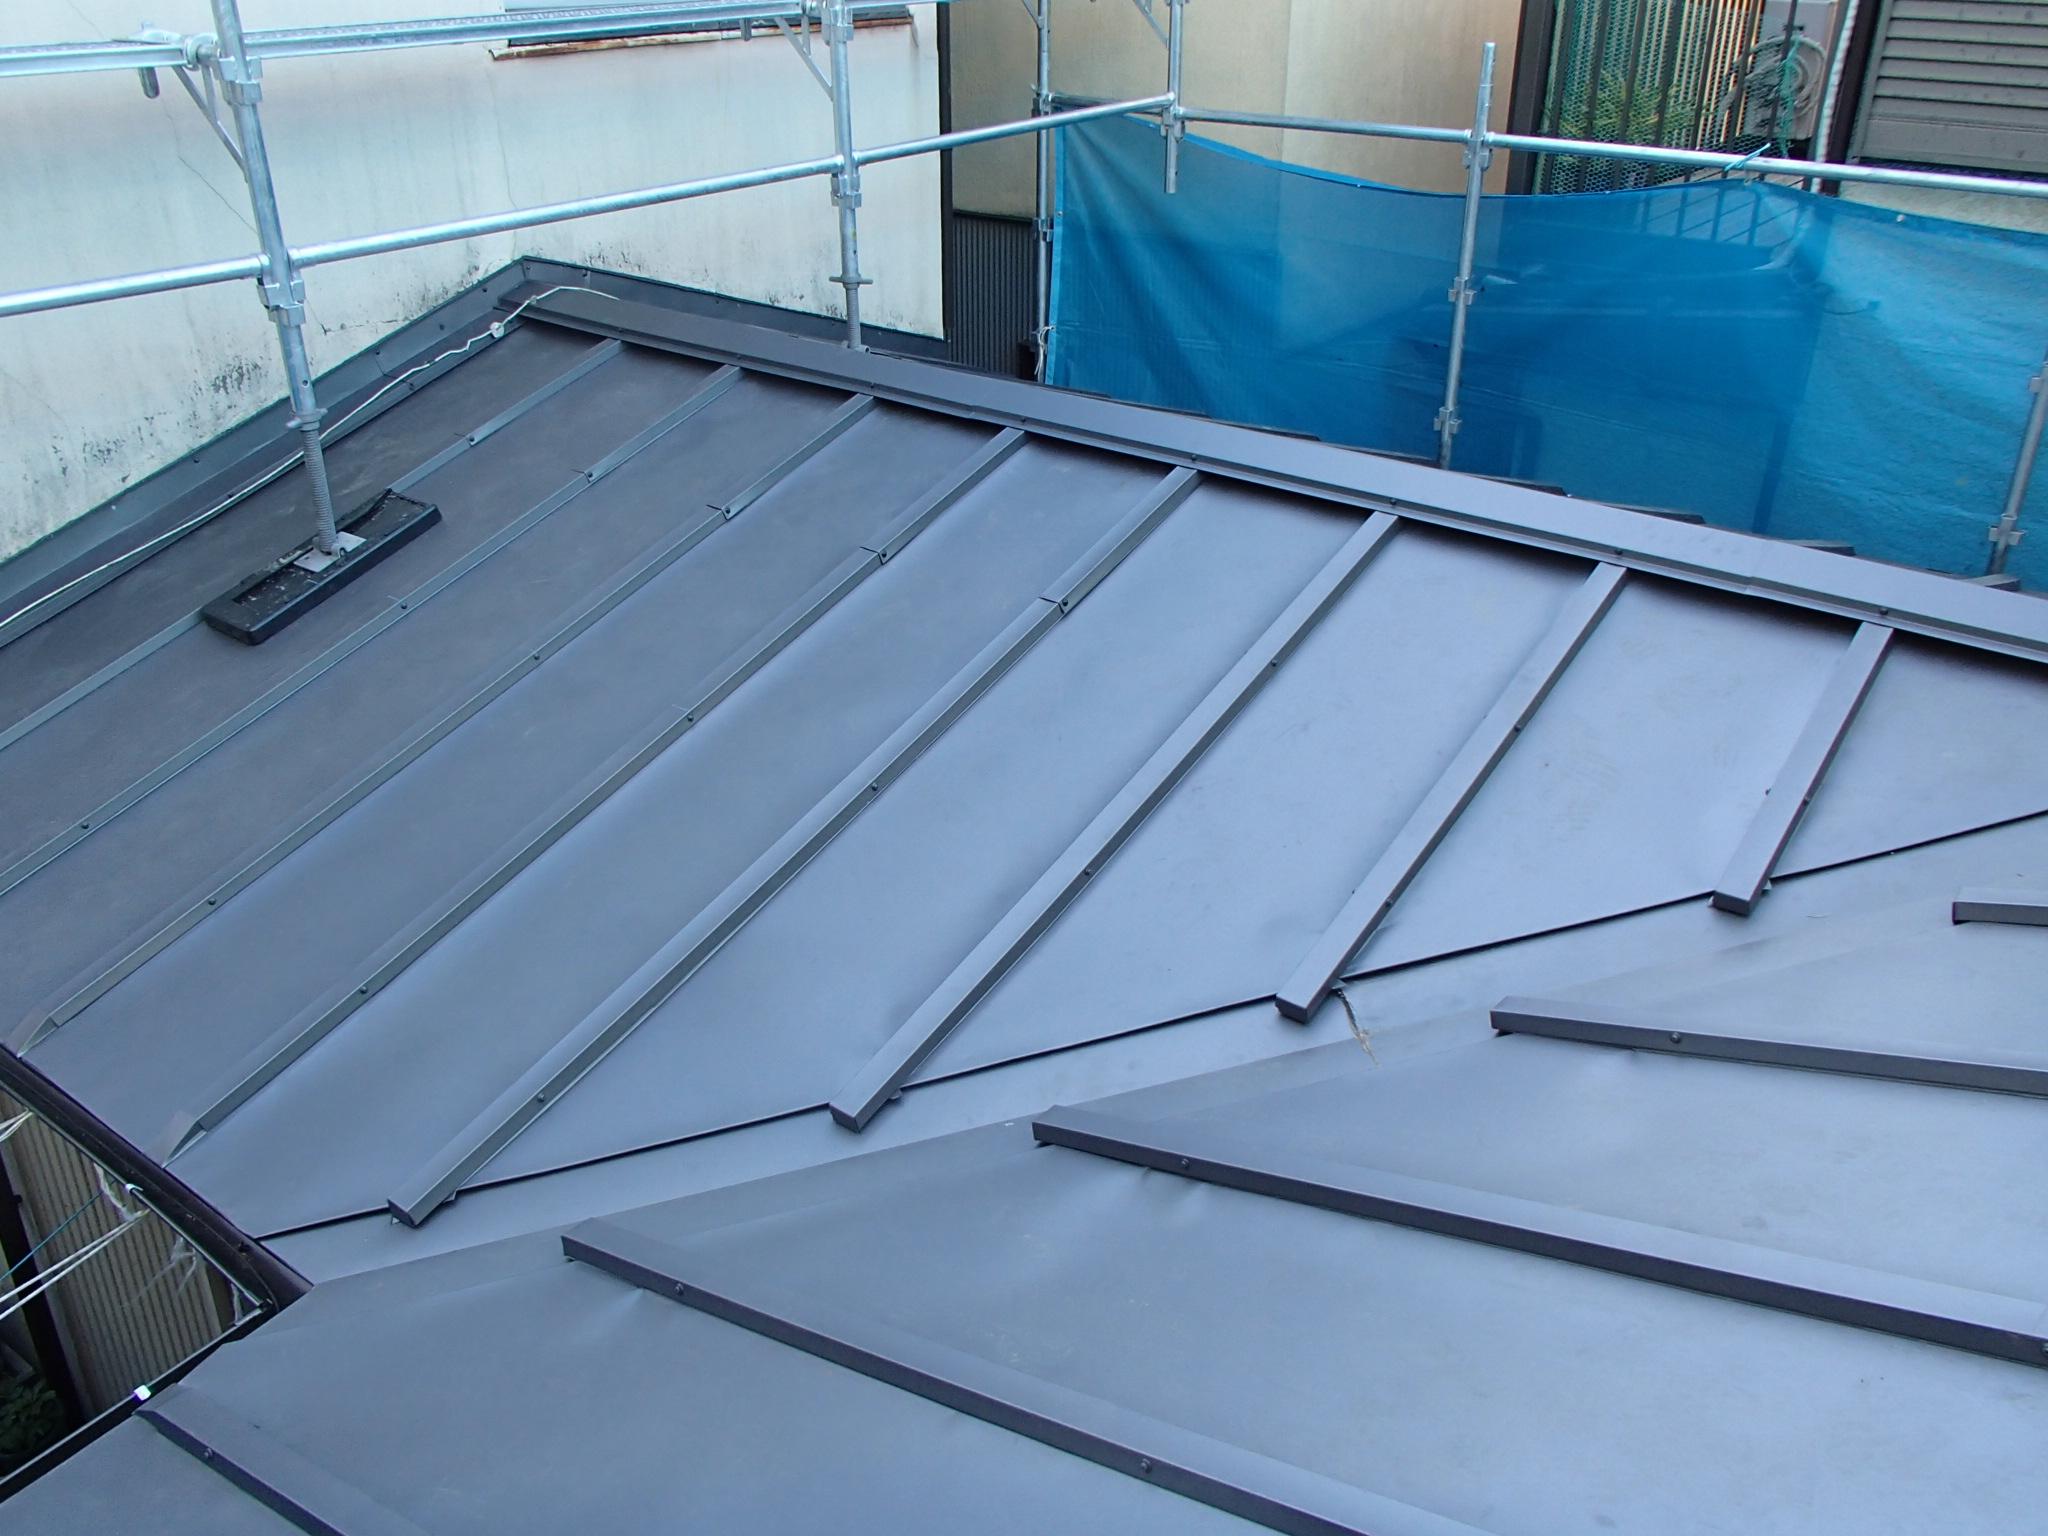 ガルバリウム鋼板での屋根カバー工法施工後